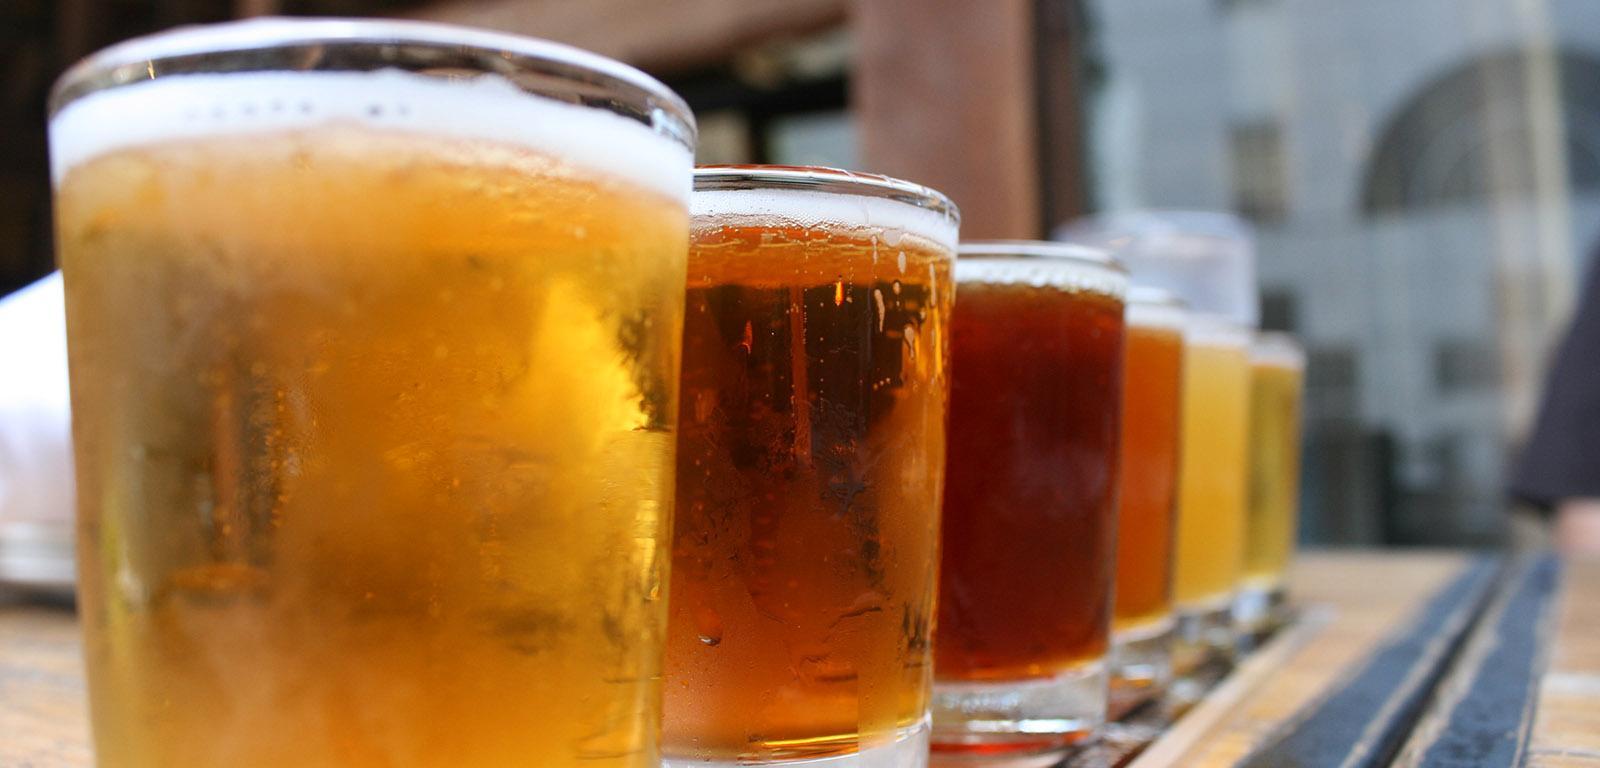 Alcool - Des pintes de bière alignées